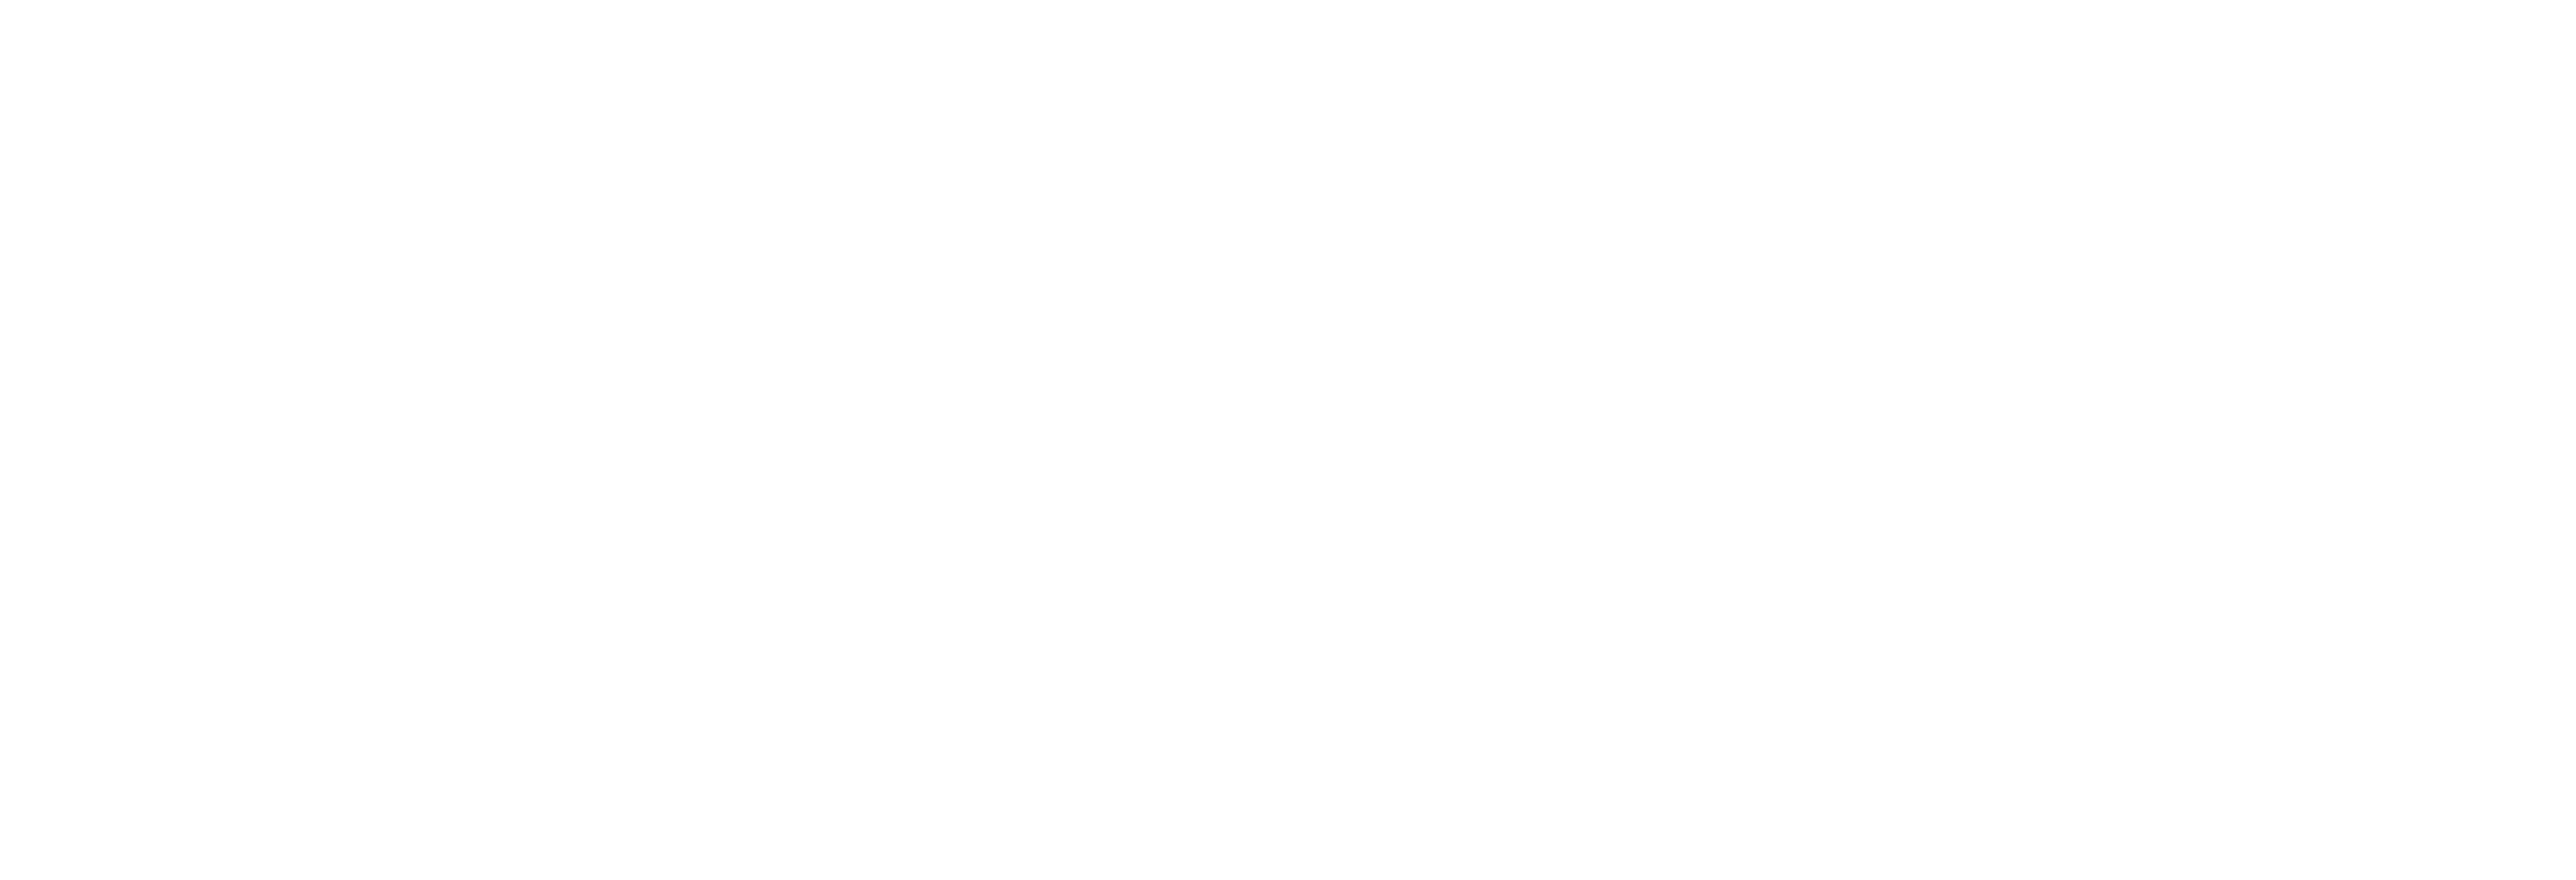 Multiplex digital d.o.o.